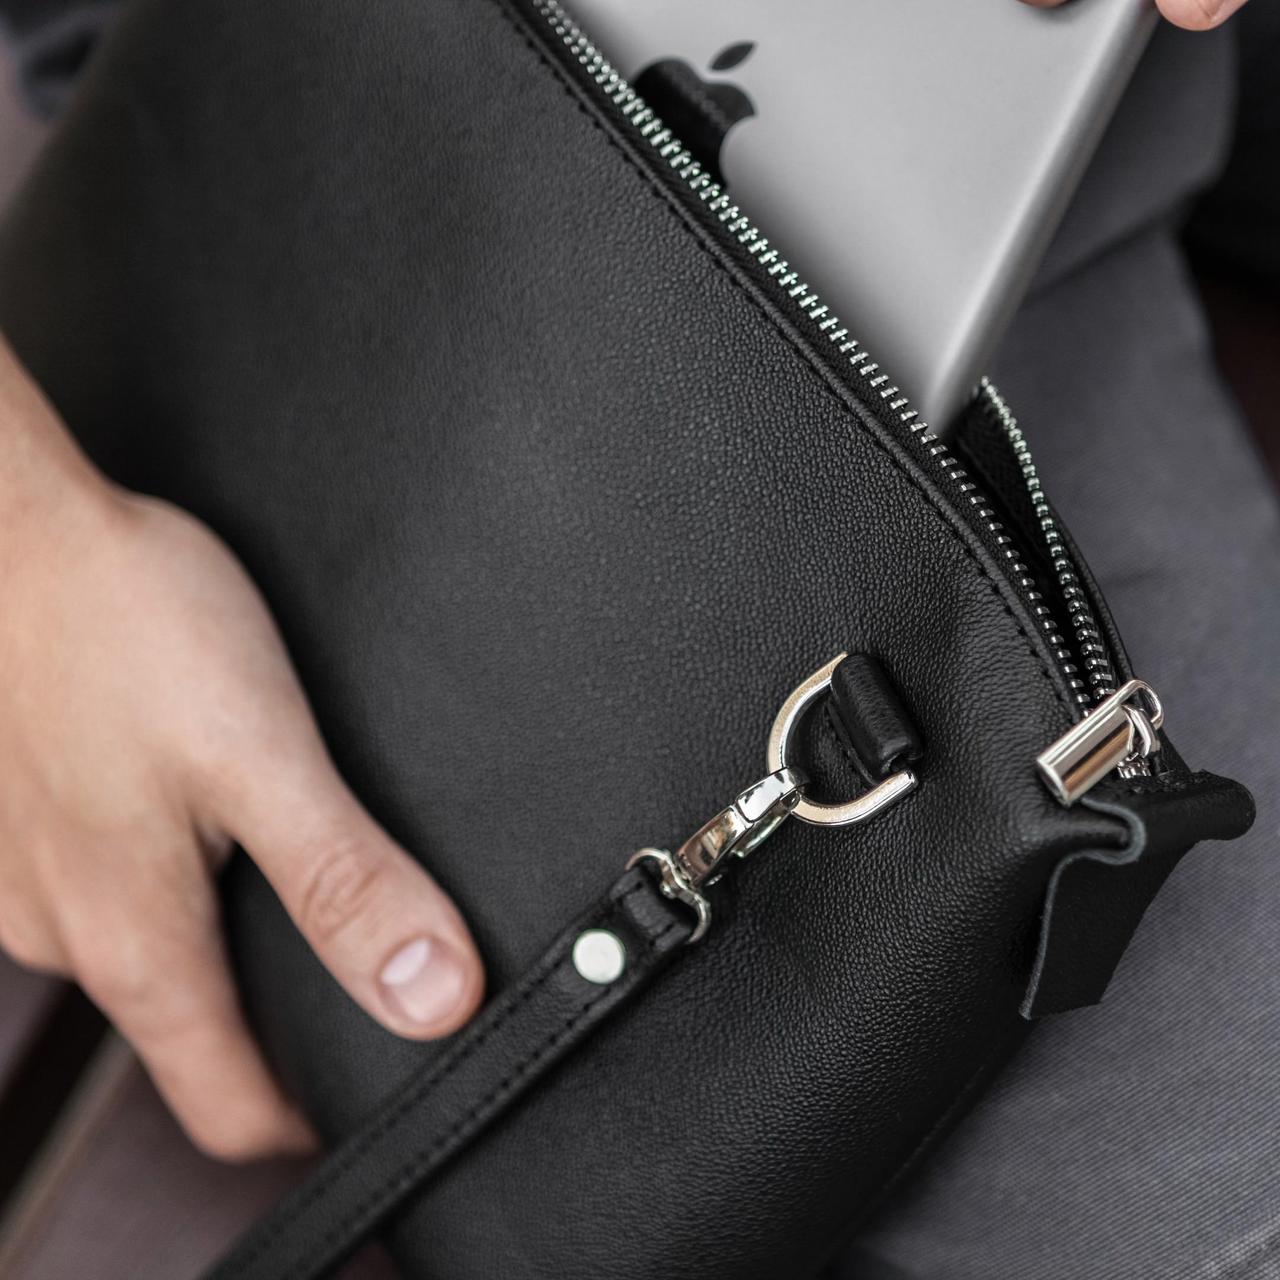 1d1ddf66a7a0 Мужская кожаная сумка, барсетка, клатч - Интернет-магазин товаров для  здоровья и спорта